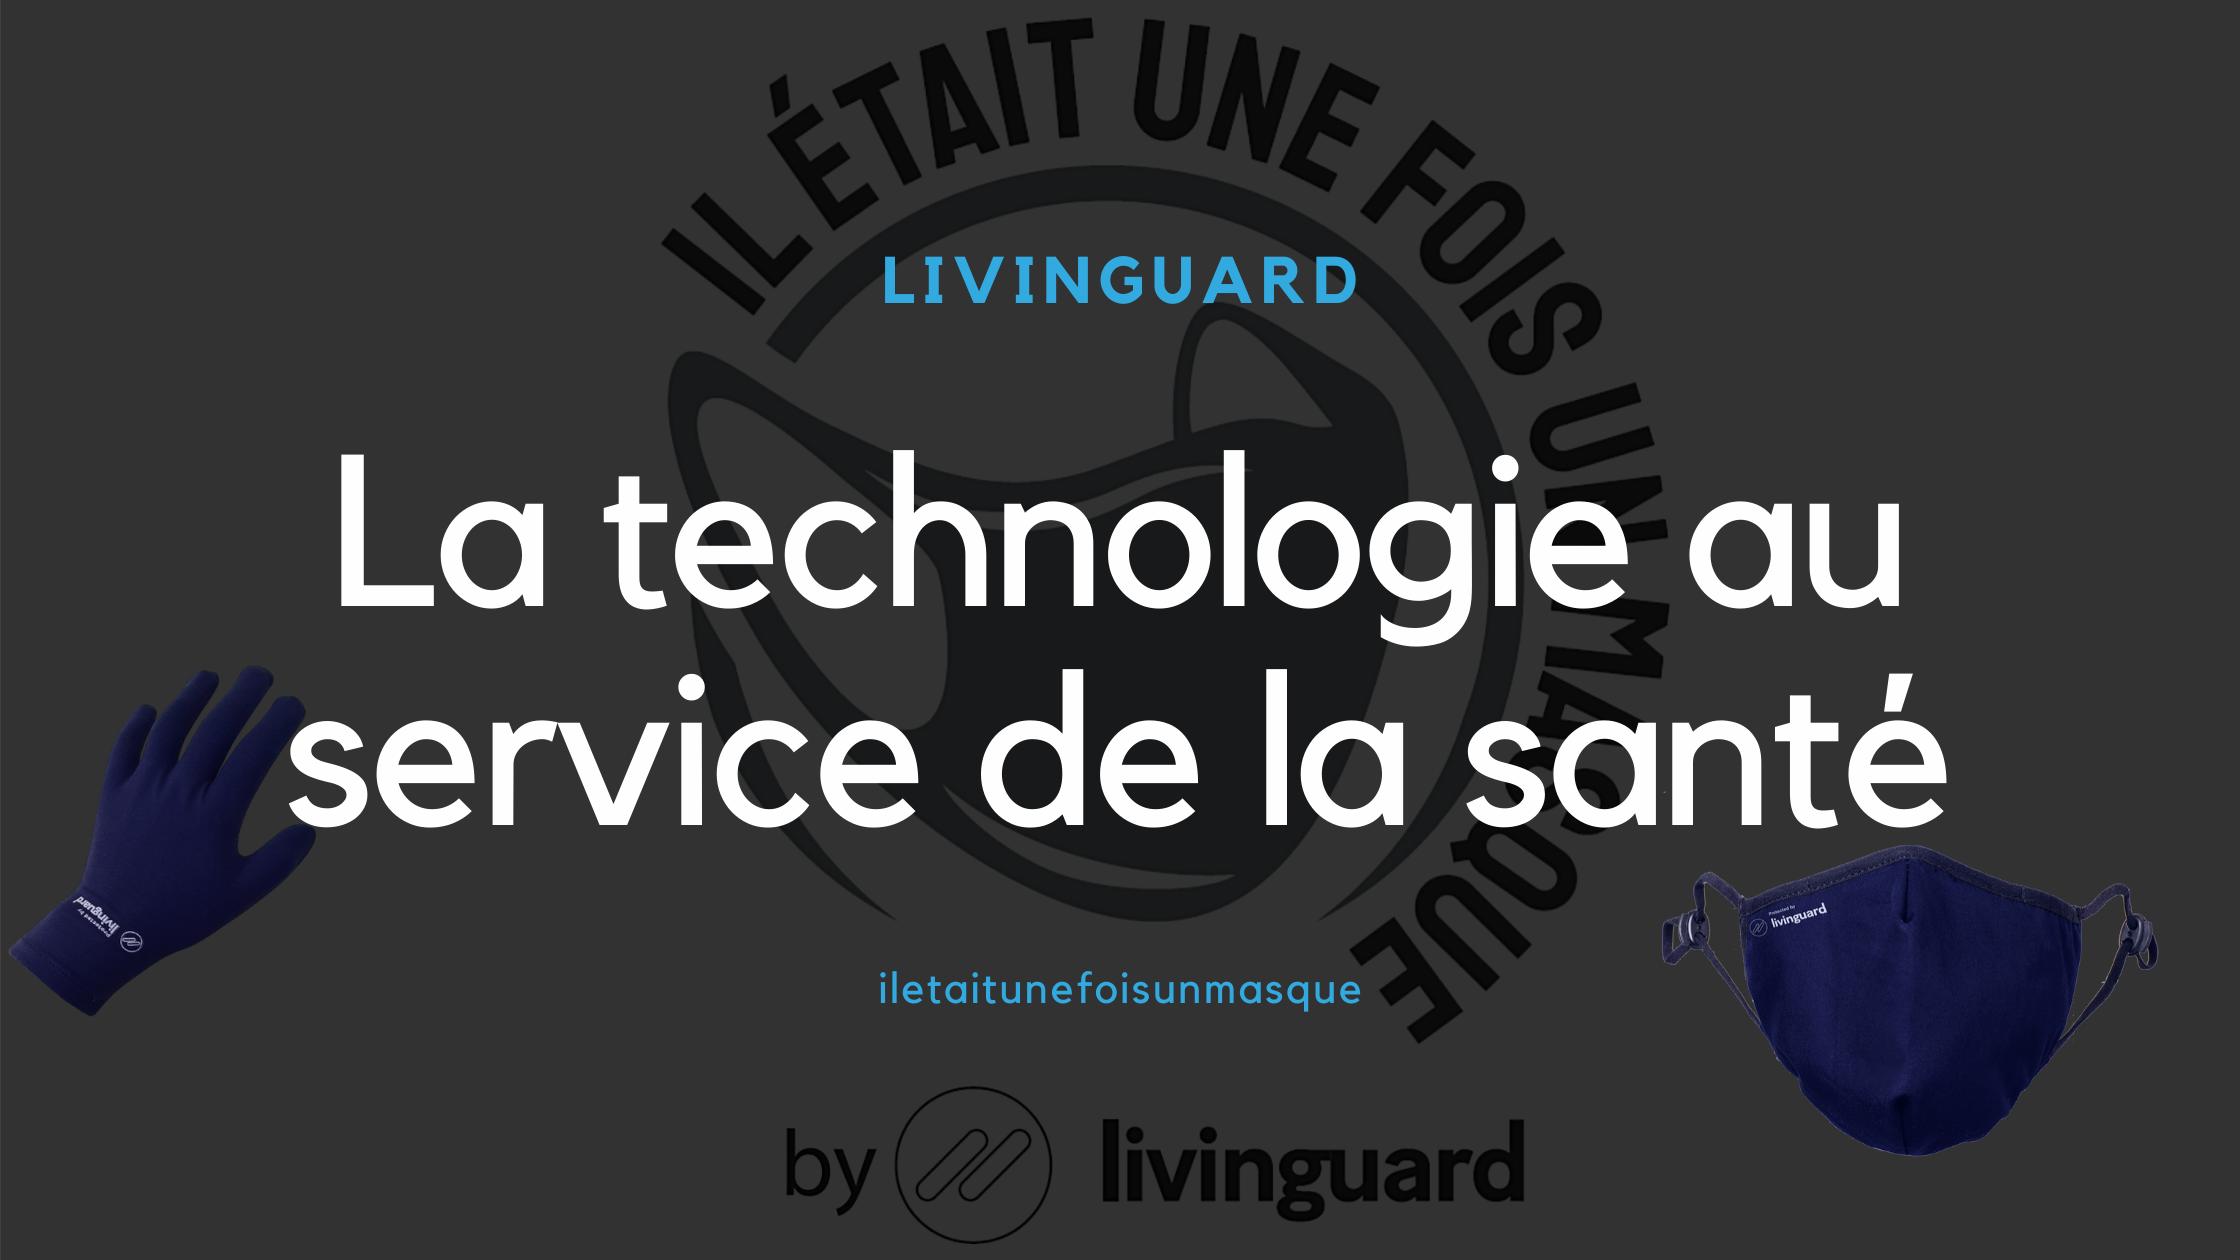 La technologie au service de la santé